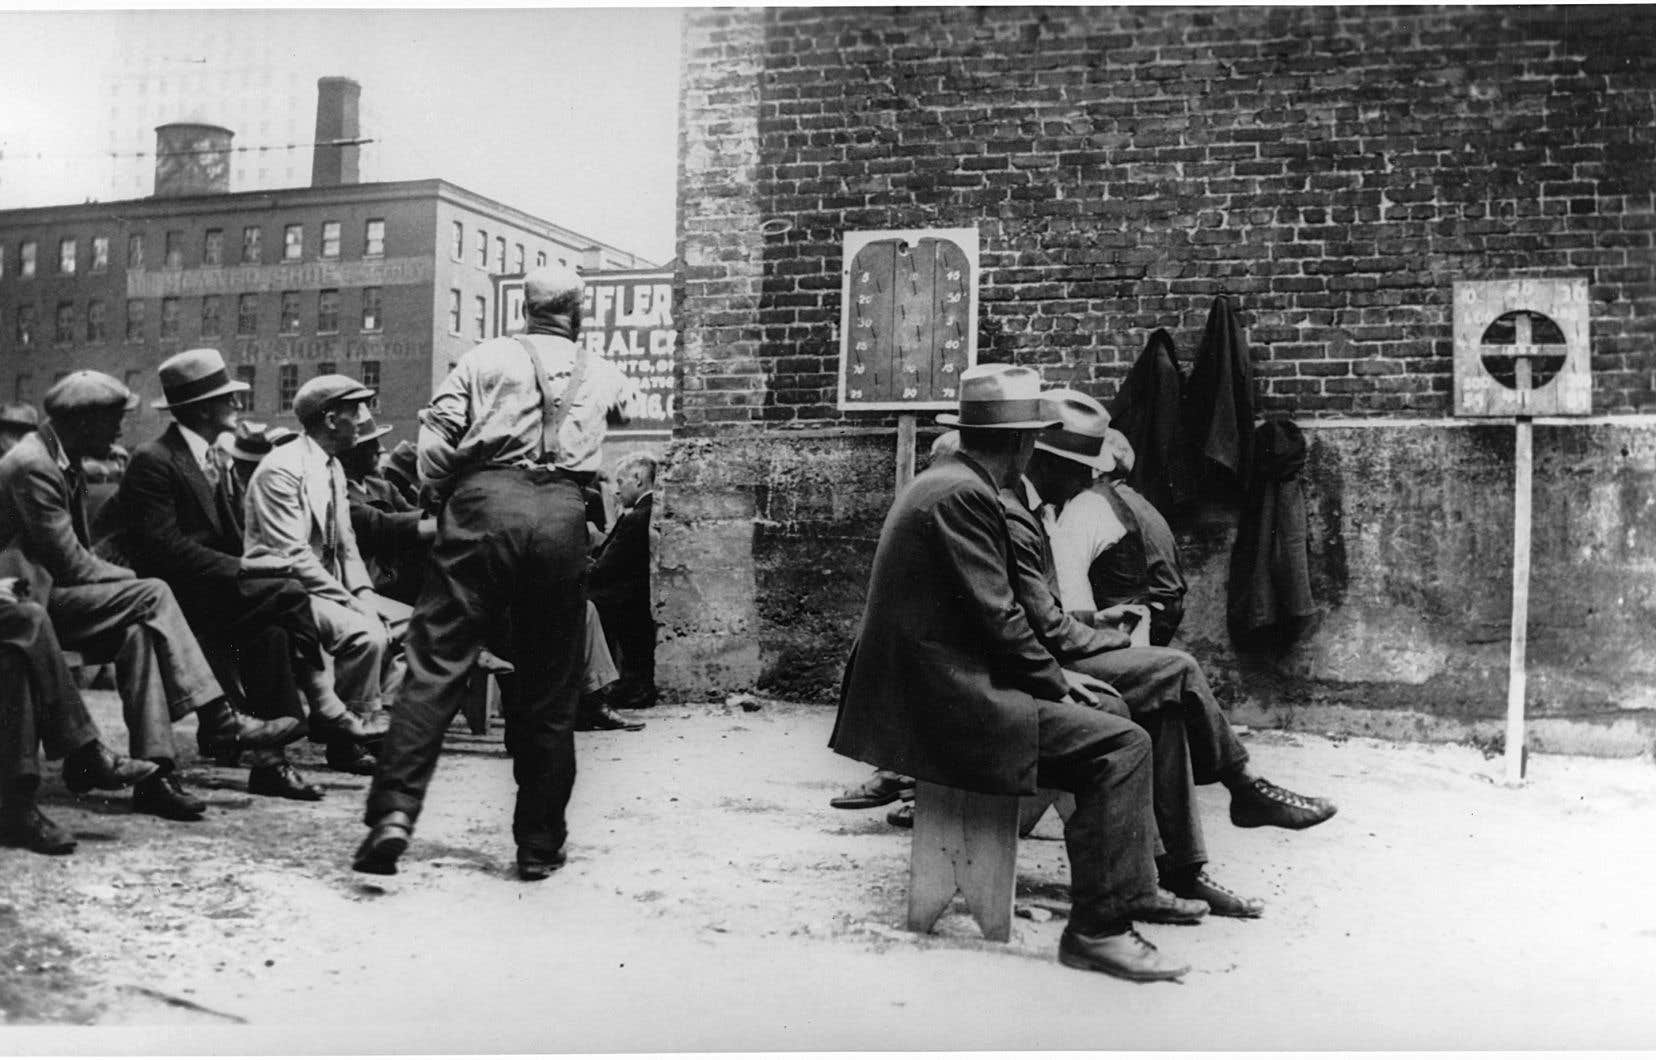 Un groupe de chômeurs jouant aux fers, vers 1935. Lors de  la crise économique  des années 1930, les chômeurs étaient nombreux à attendre du travail.